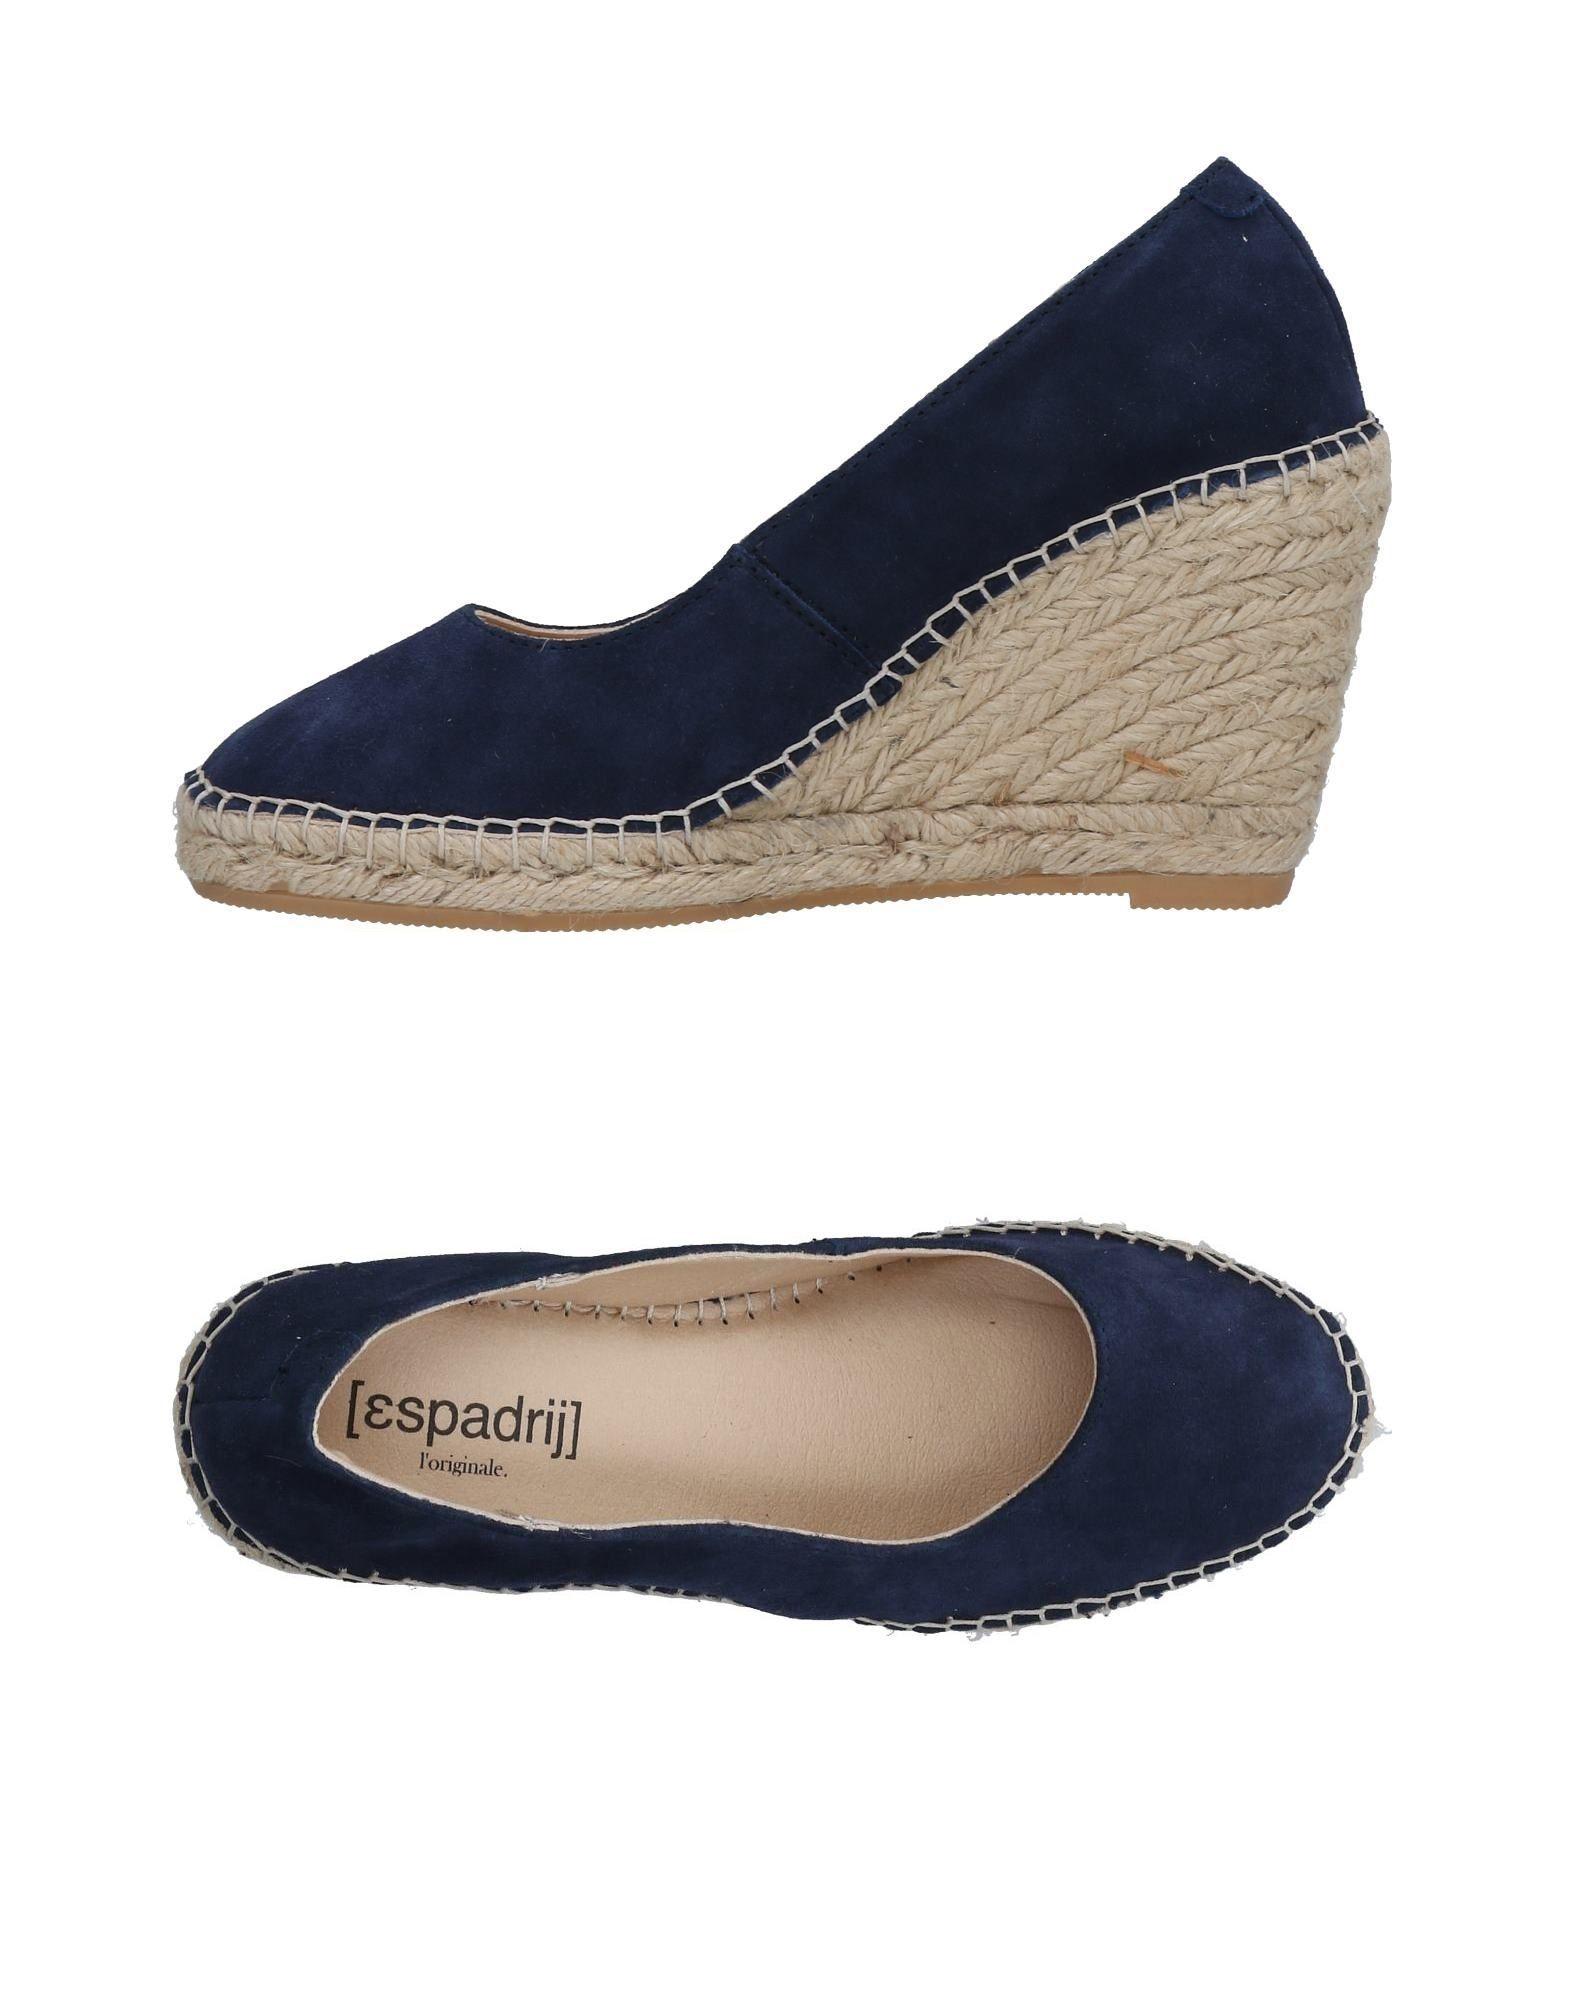 [Espadrij] Pumps Damen  11483929EX Gute Qualität beliebte Schuhe